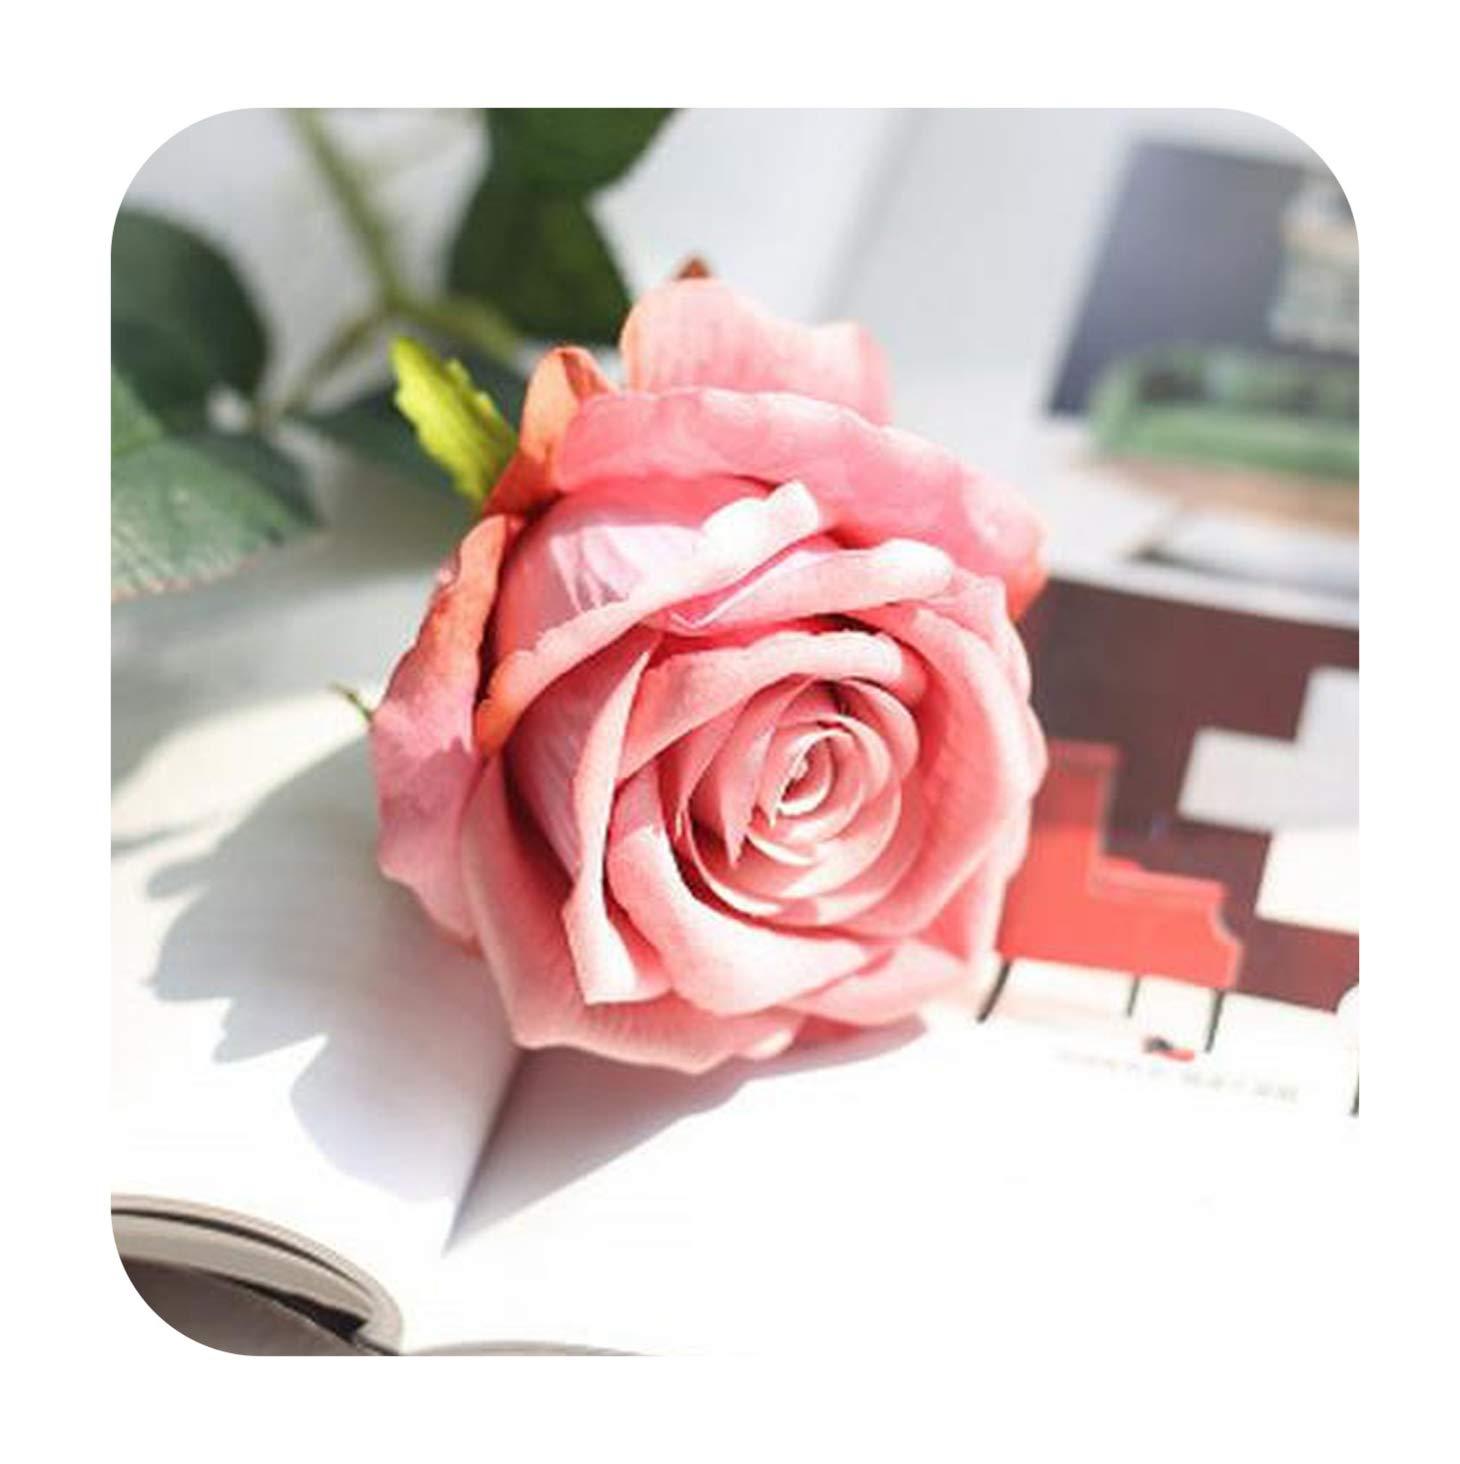 造花 10個/ロット ウェディングデコレーション ローズ造花 ロマンチックな日付/パーティー用ローズシルクフラワーブーケ B07Q3KKWWT 8